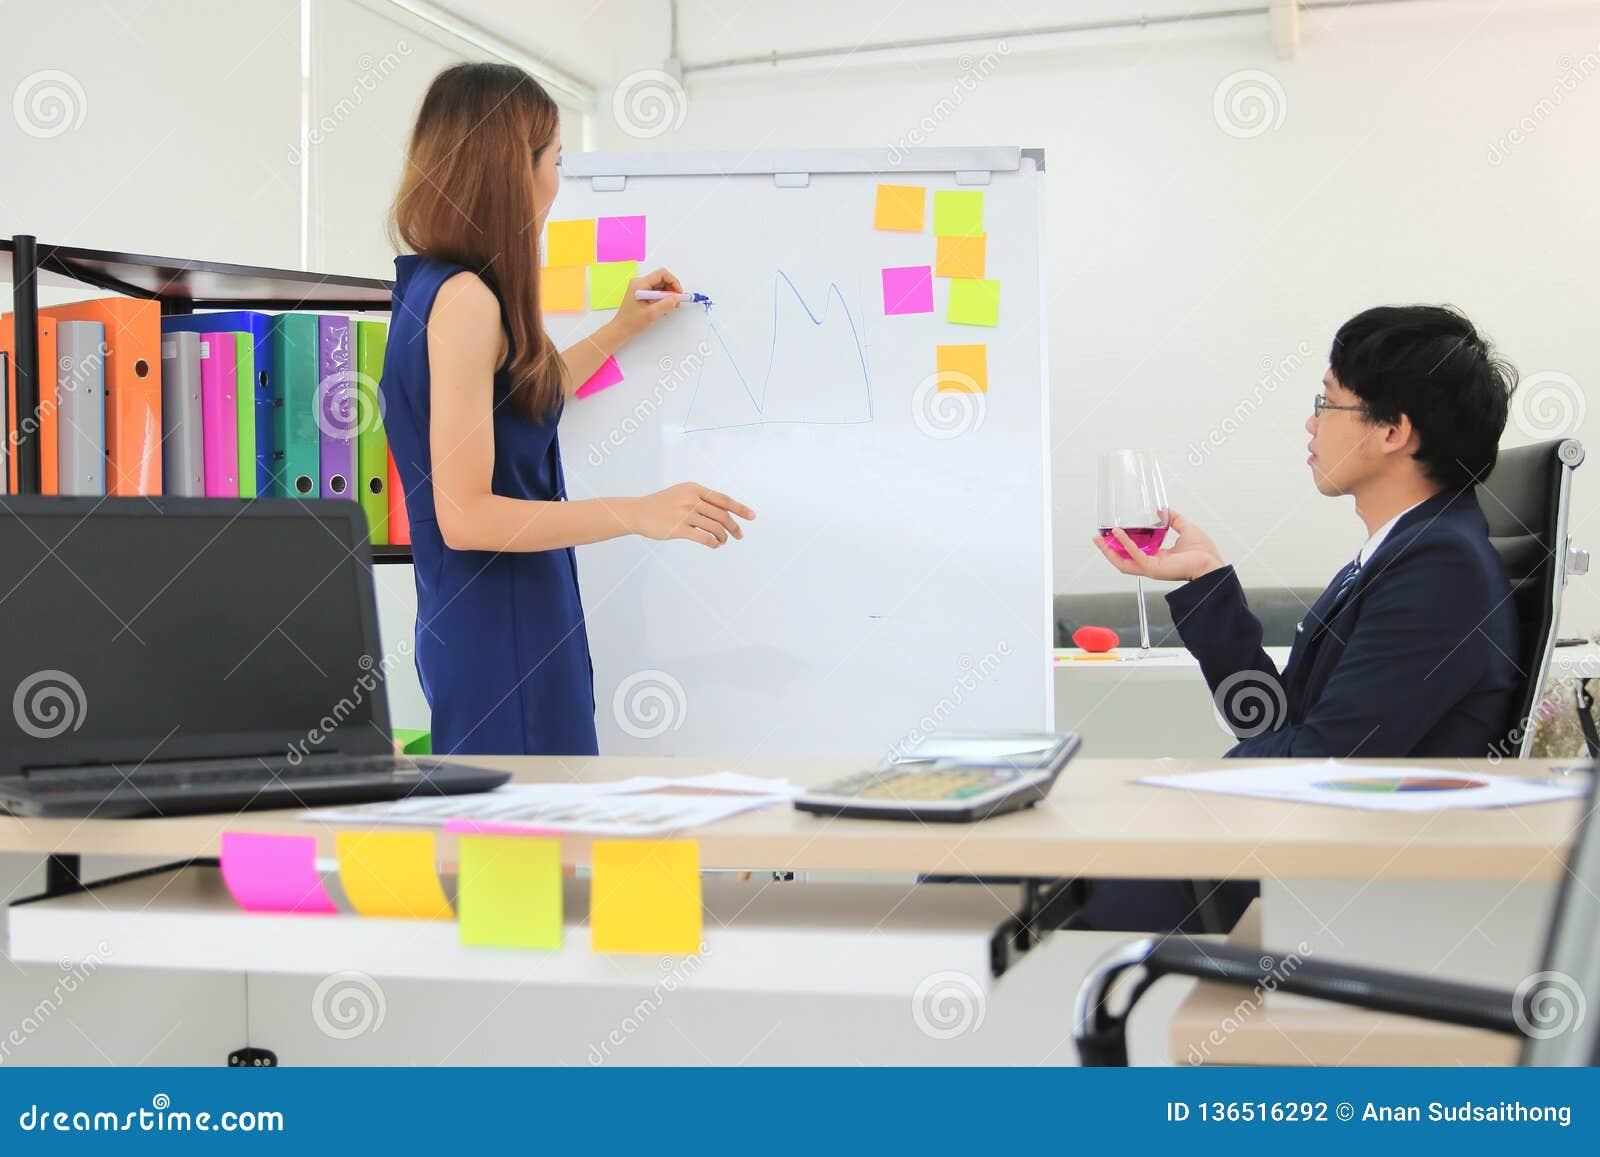 Empregado de escuta do chefe executivo asiático que explica estratégias na carta de aleta na sala de reuniões